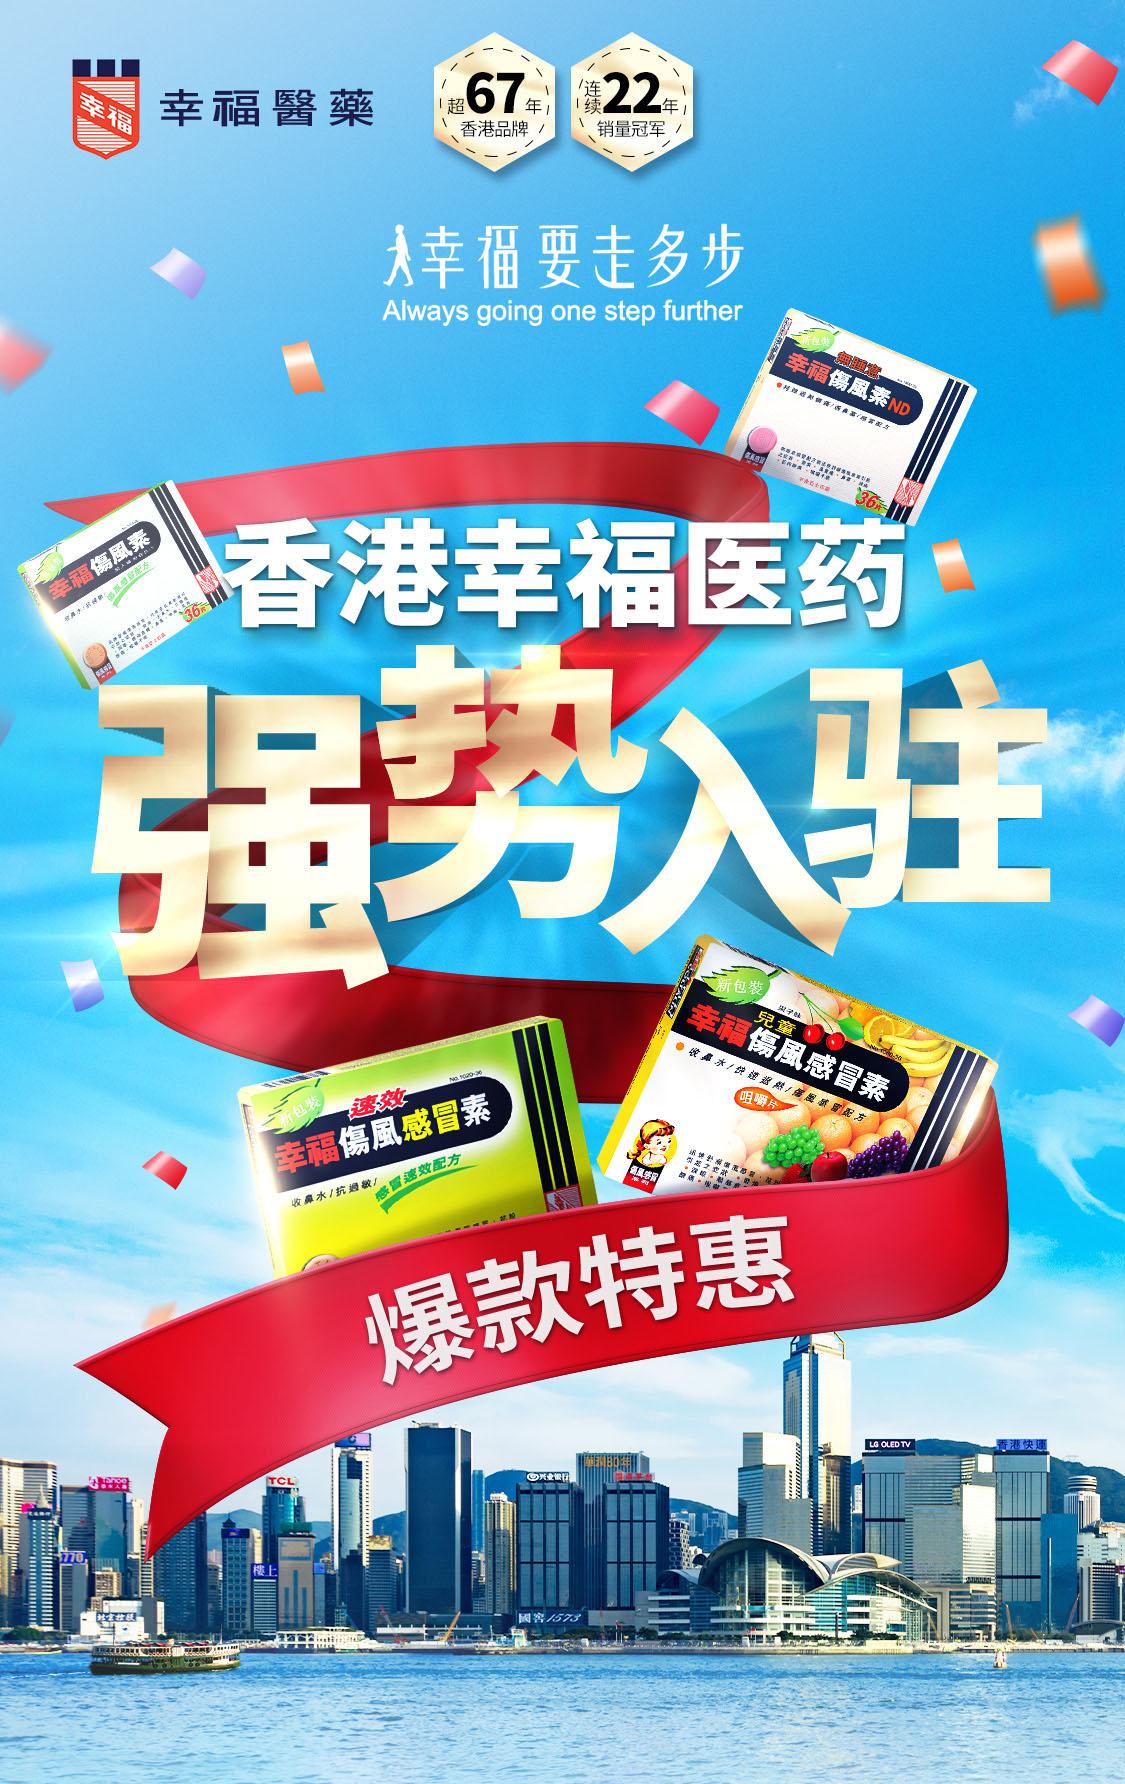 喜报!香港幸福医药&京东国际建立战略合作关系!